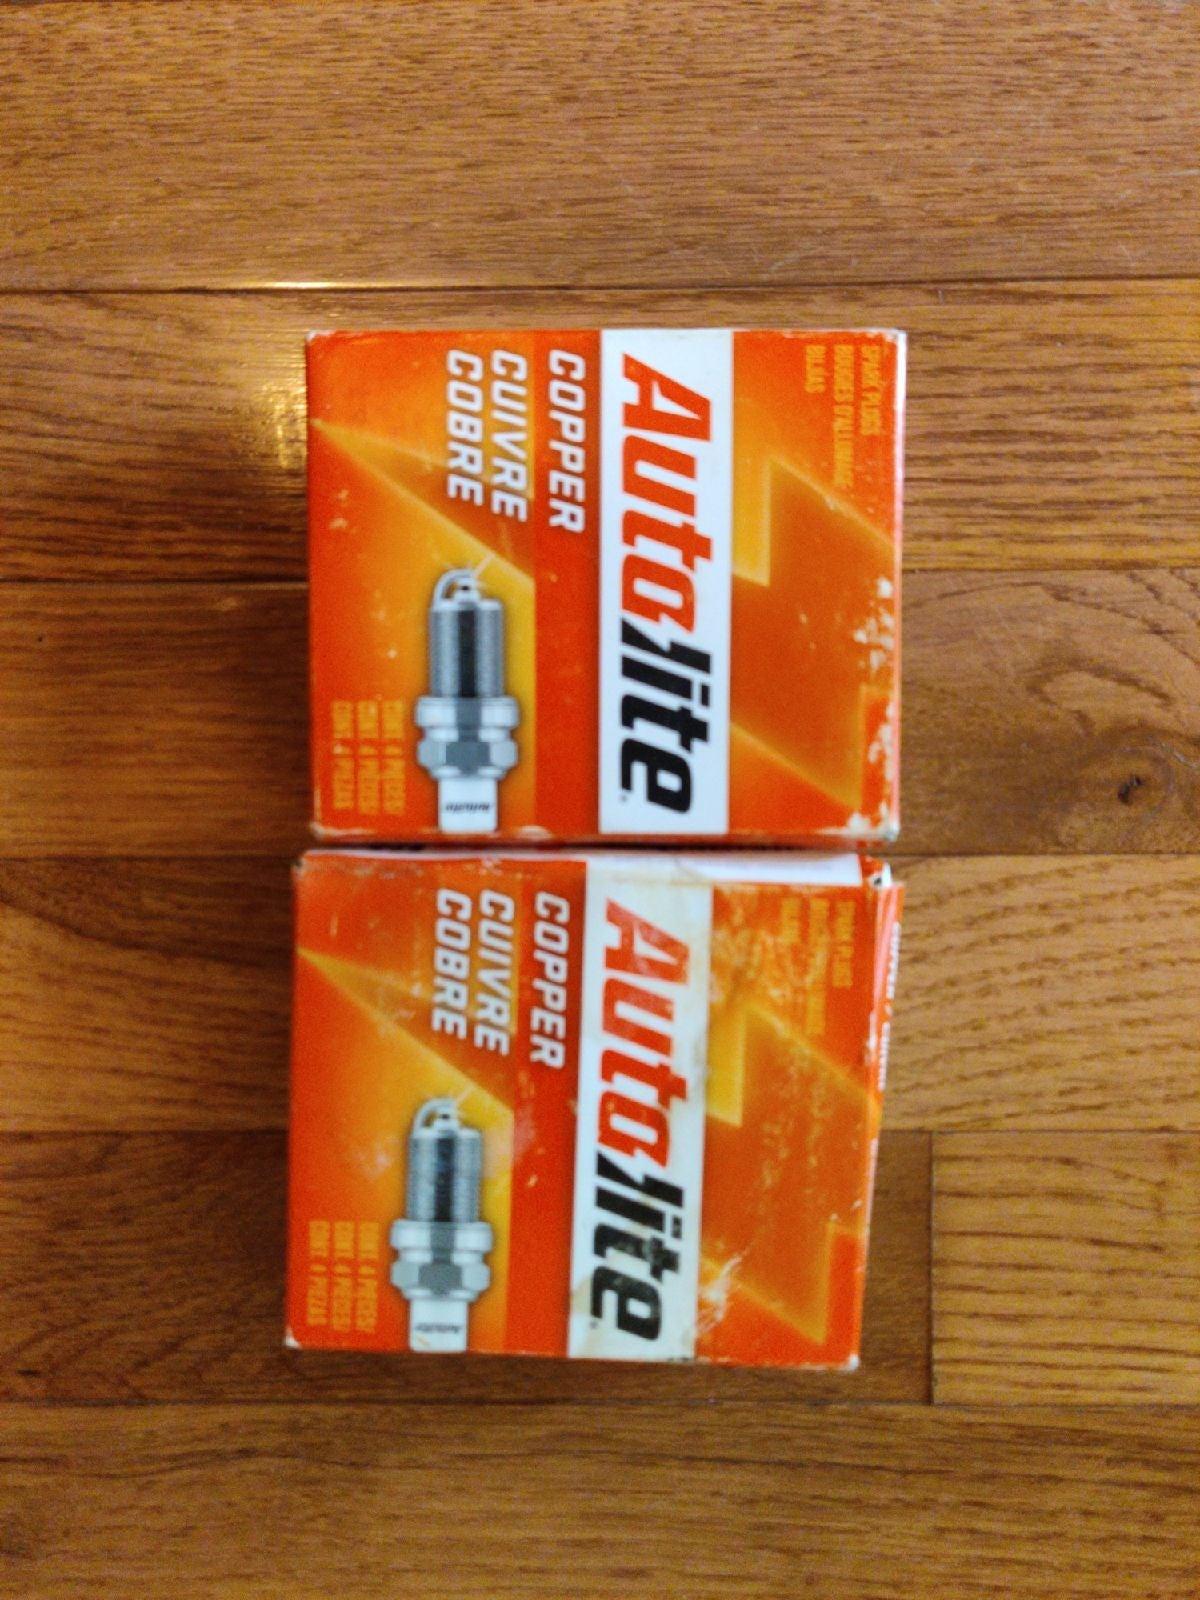 Autolite 25 Copper Spark Plugs